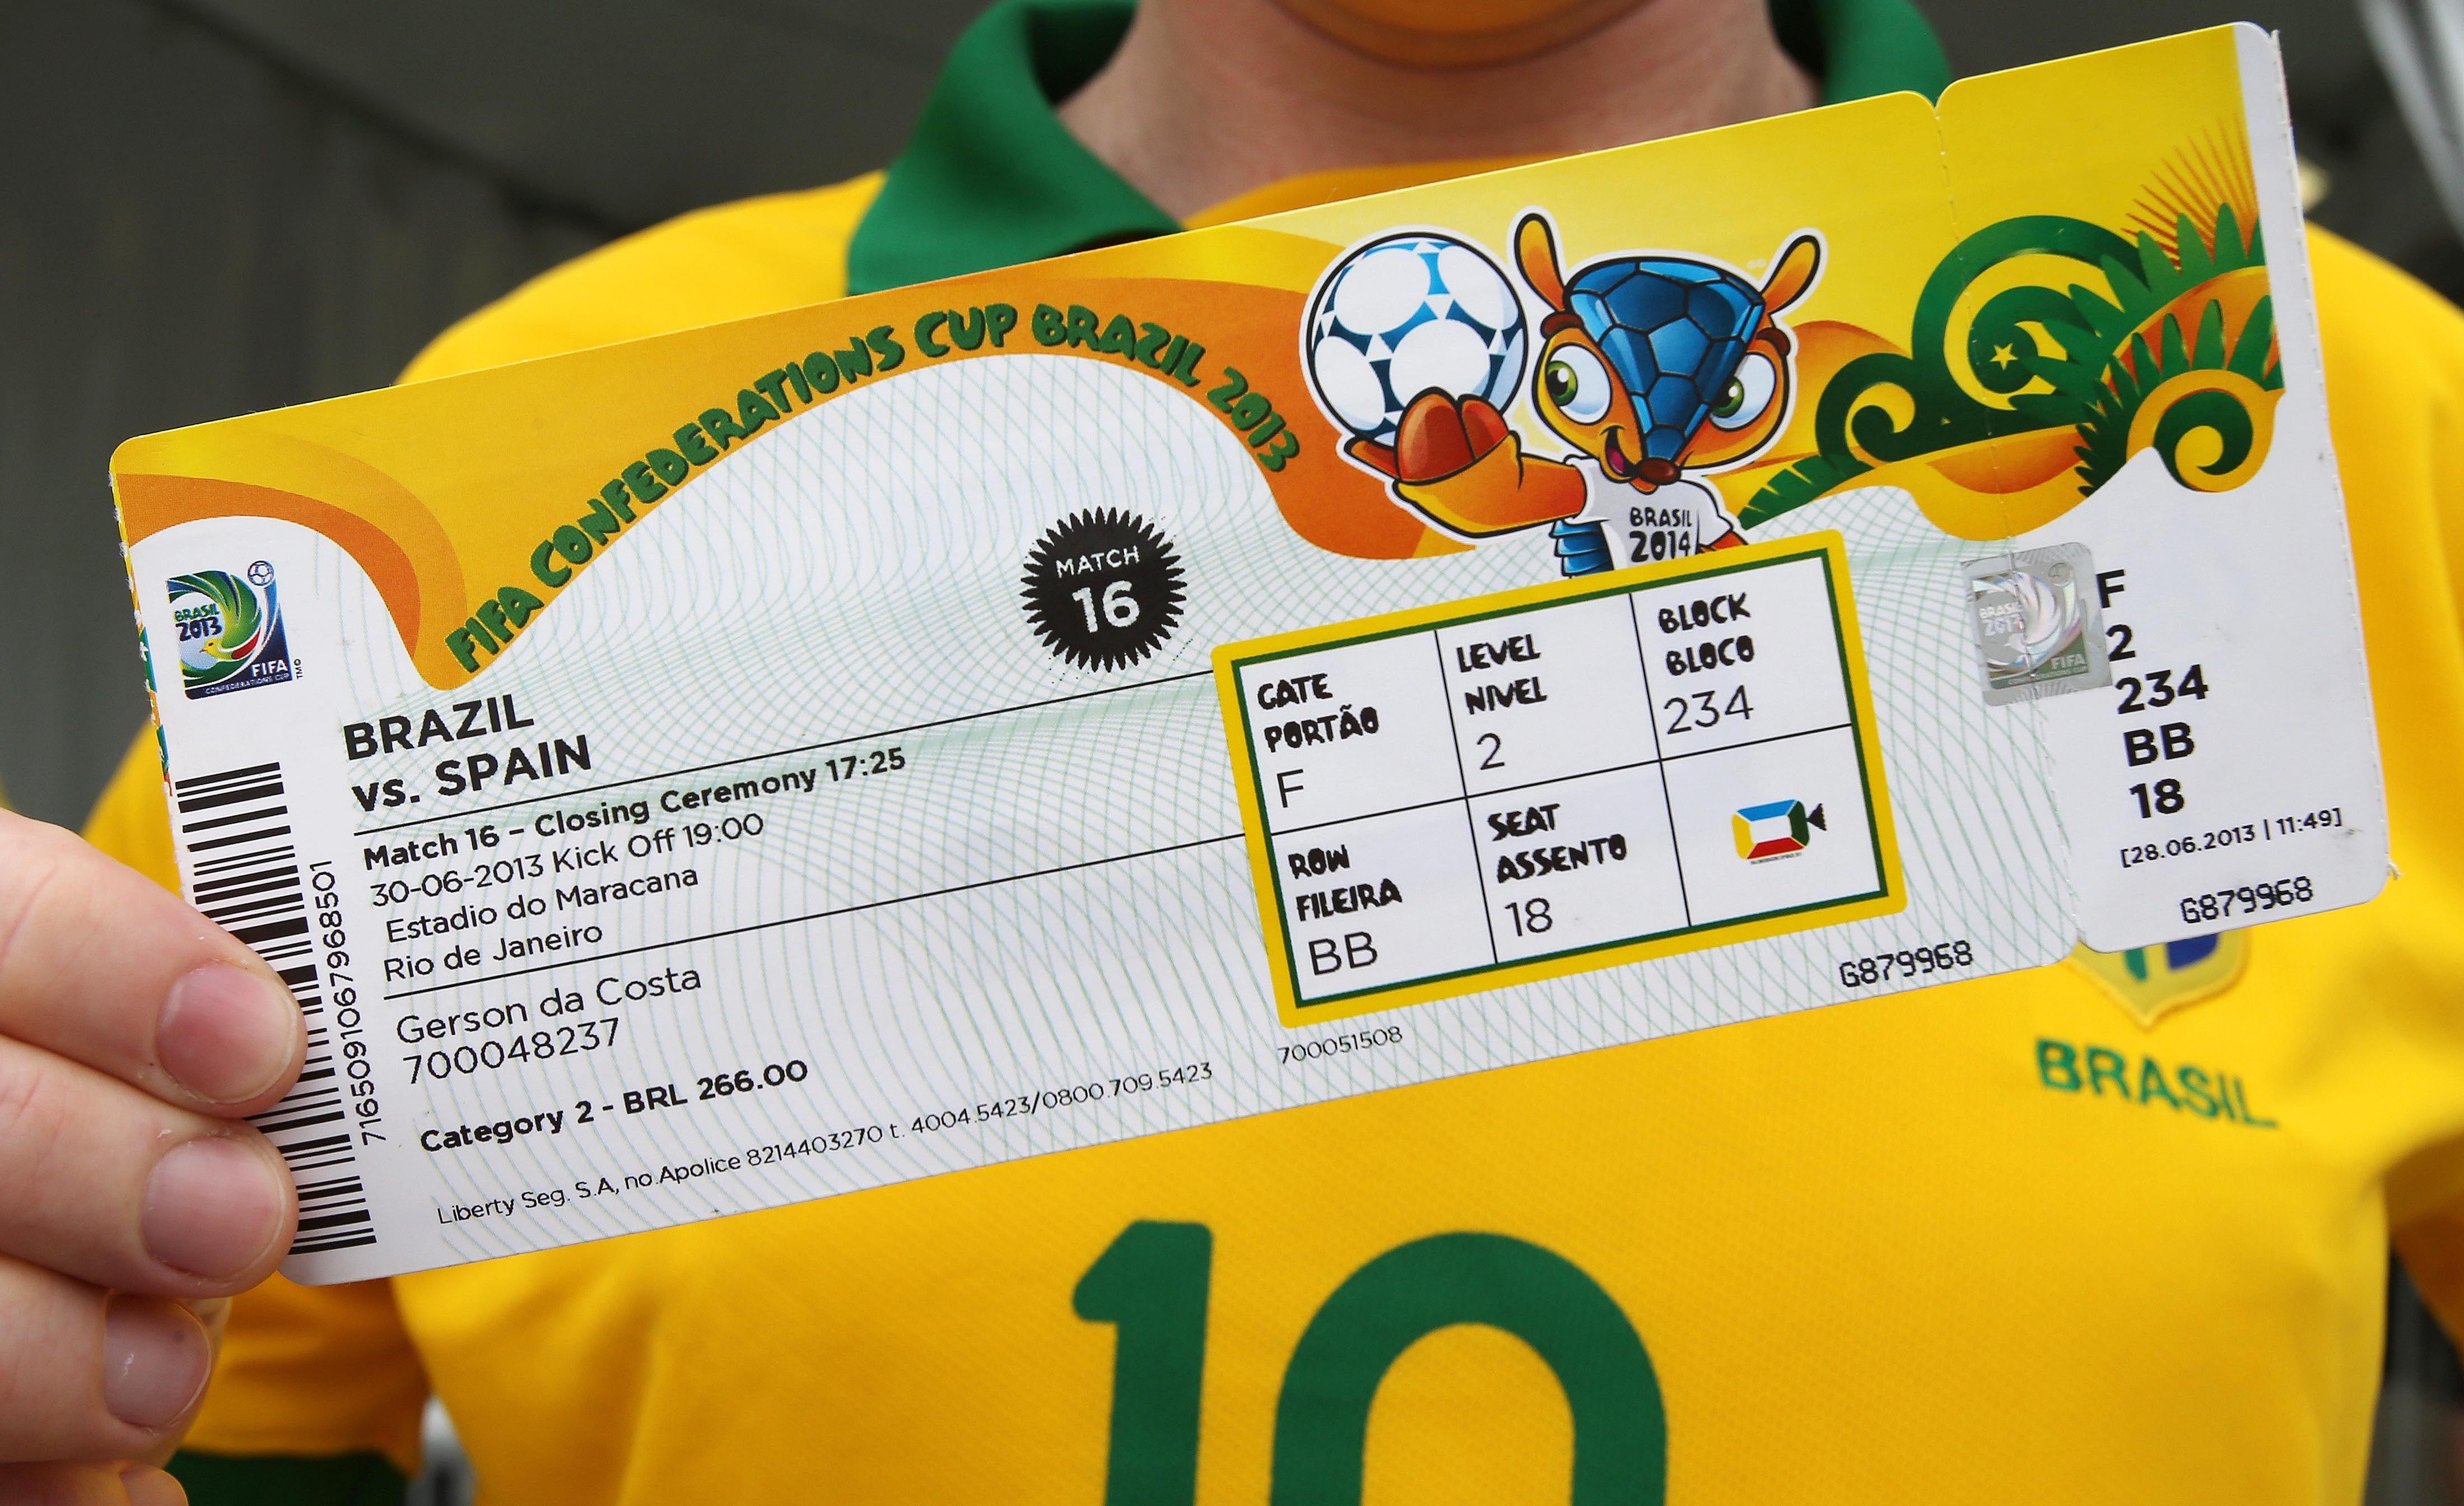 Trafic de billets un membre de la fifa impliqu 2014 - Billet coupe du monde 2015 ...